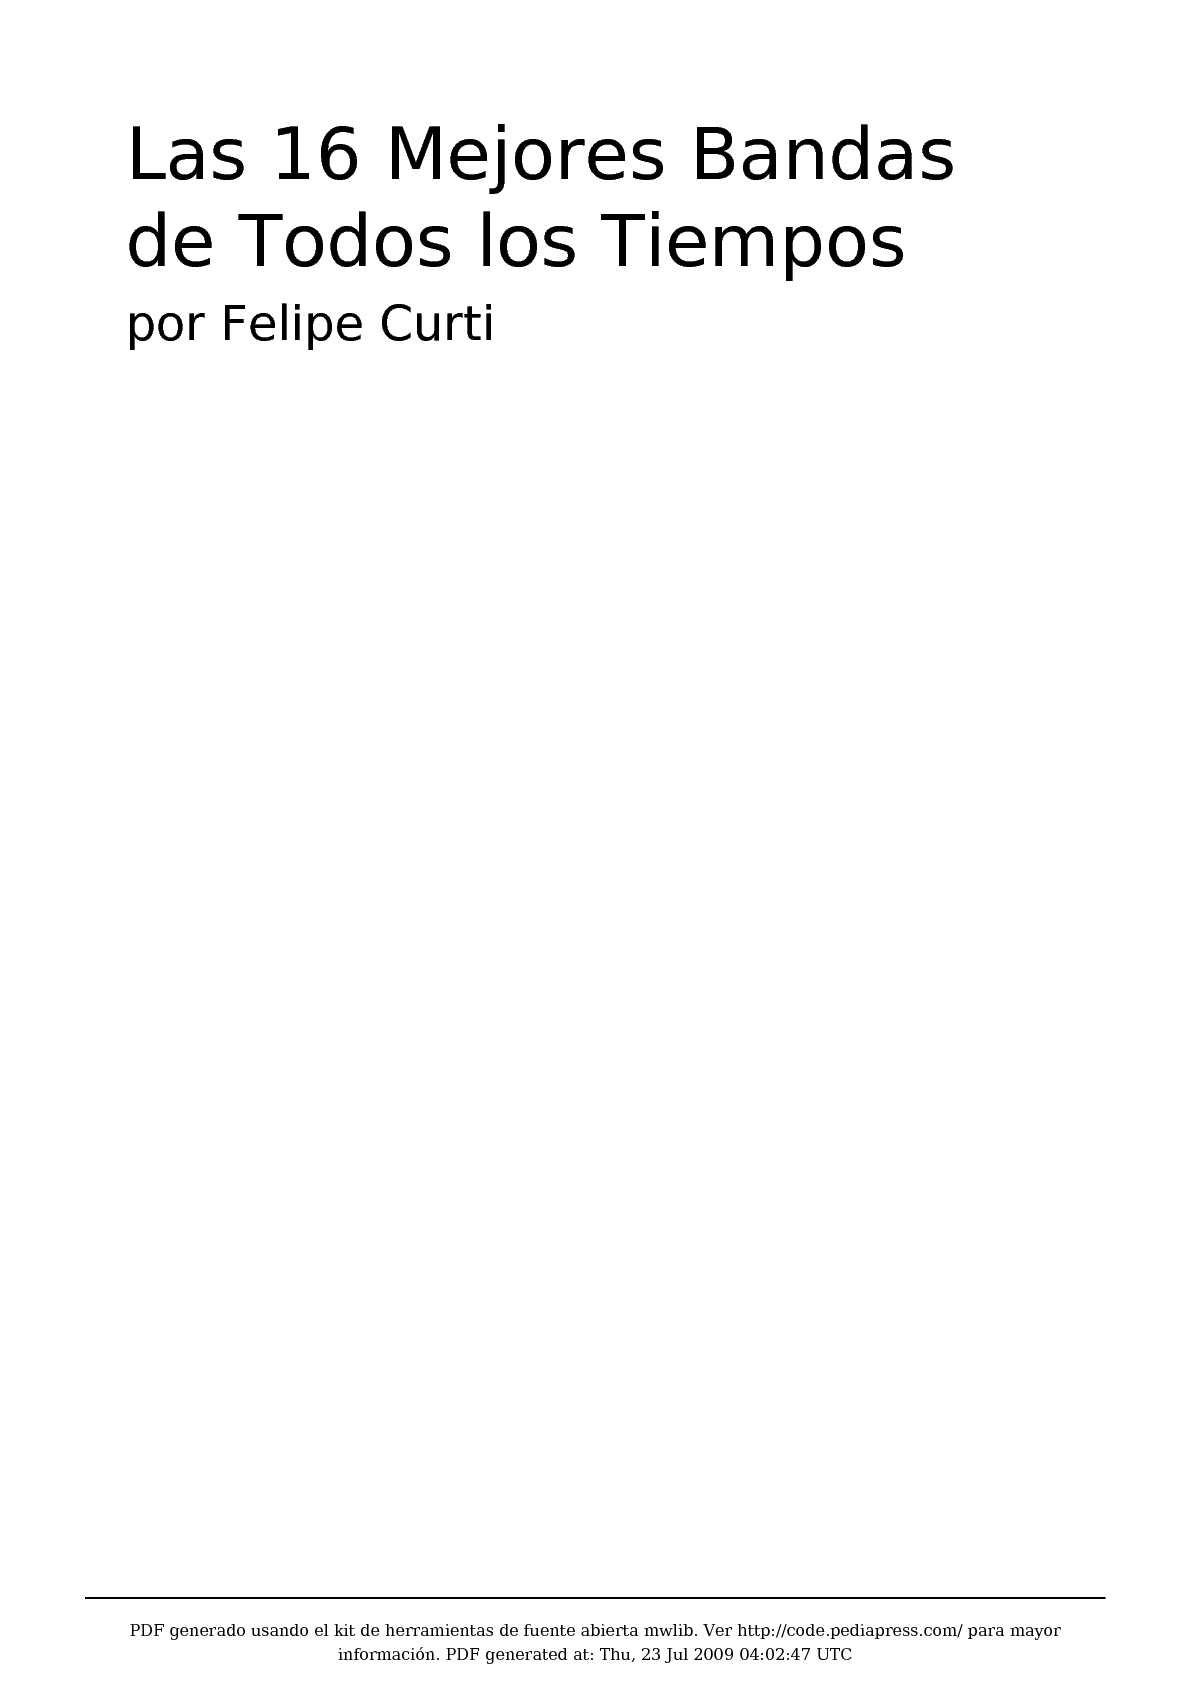 50% OFF Faithful Cinta Collar De Nancy Romantica Las Flores Son Originales Años 70 replica